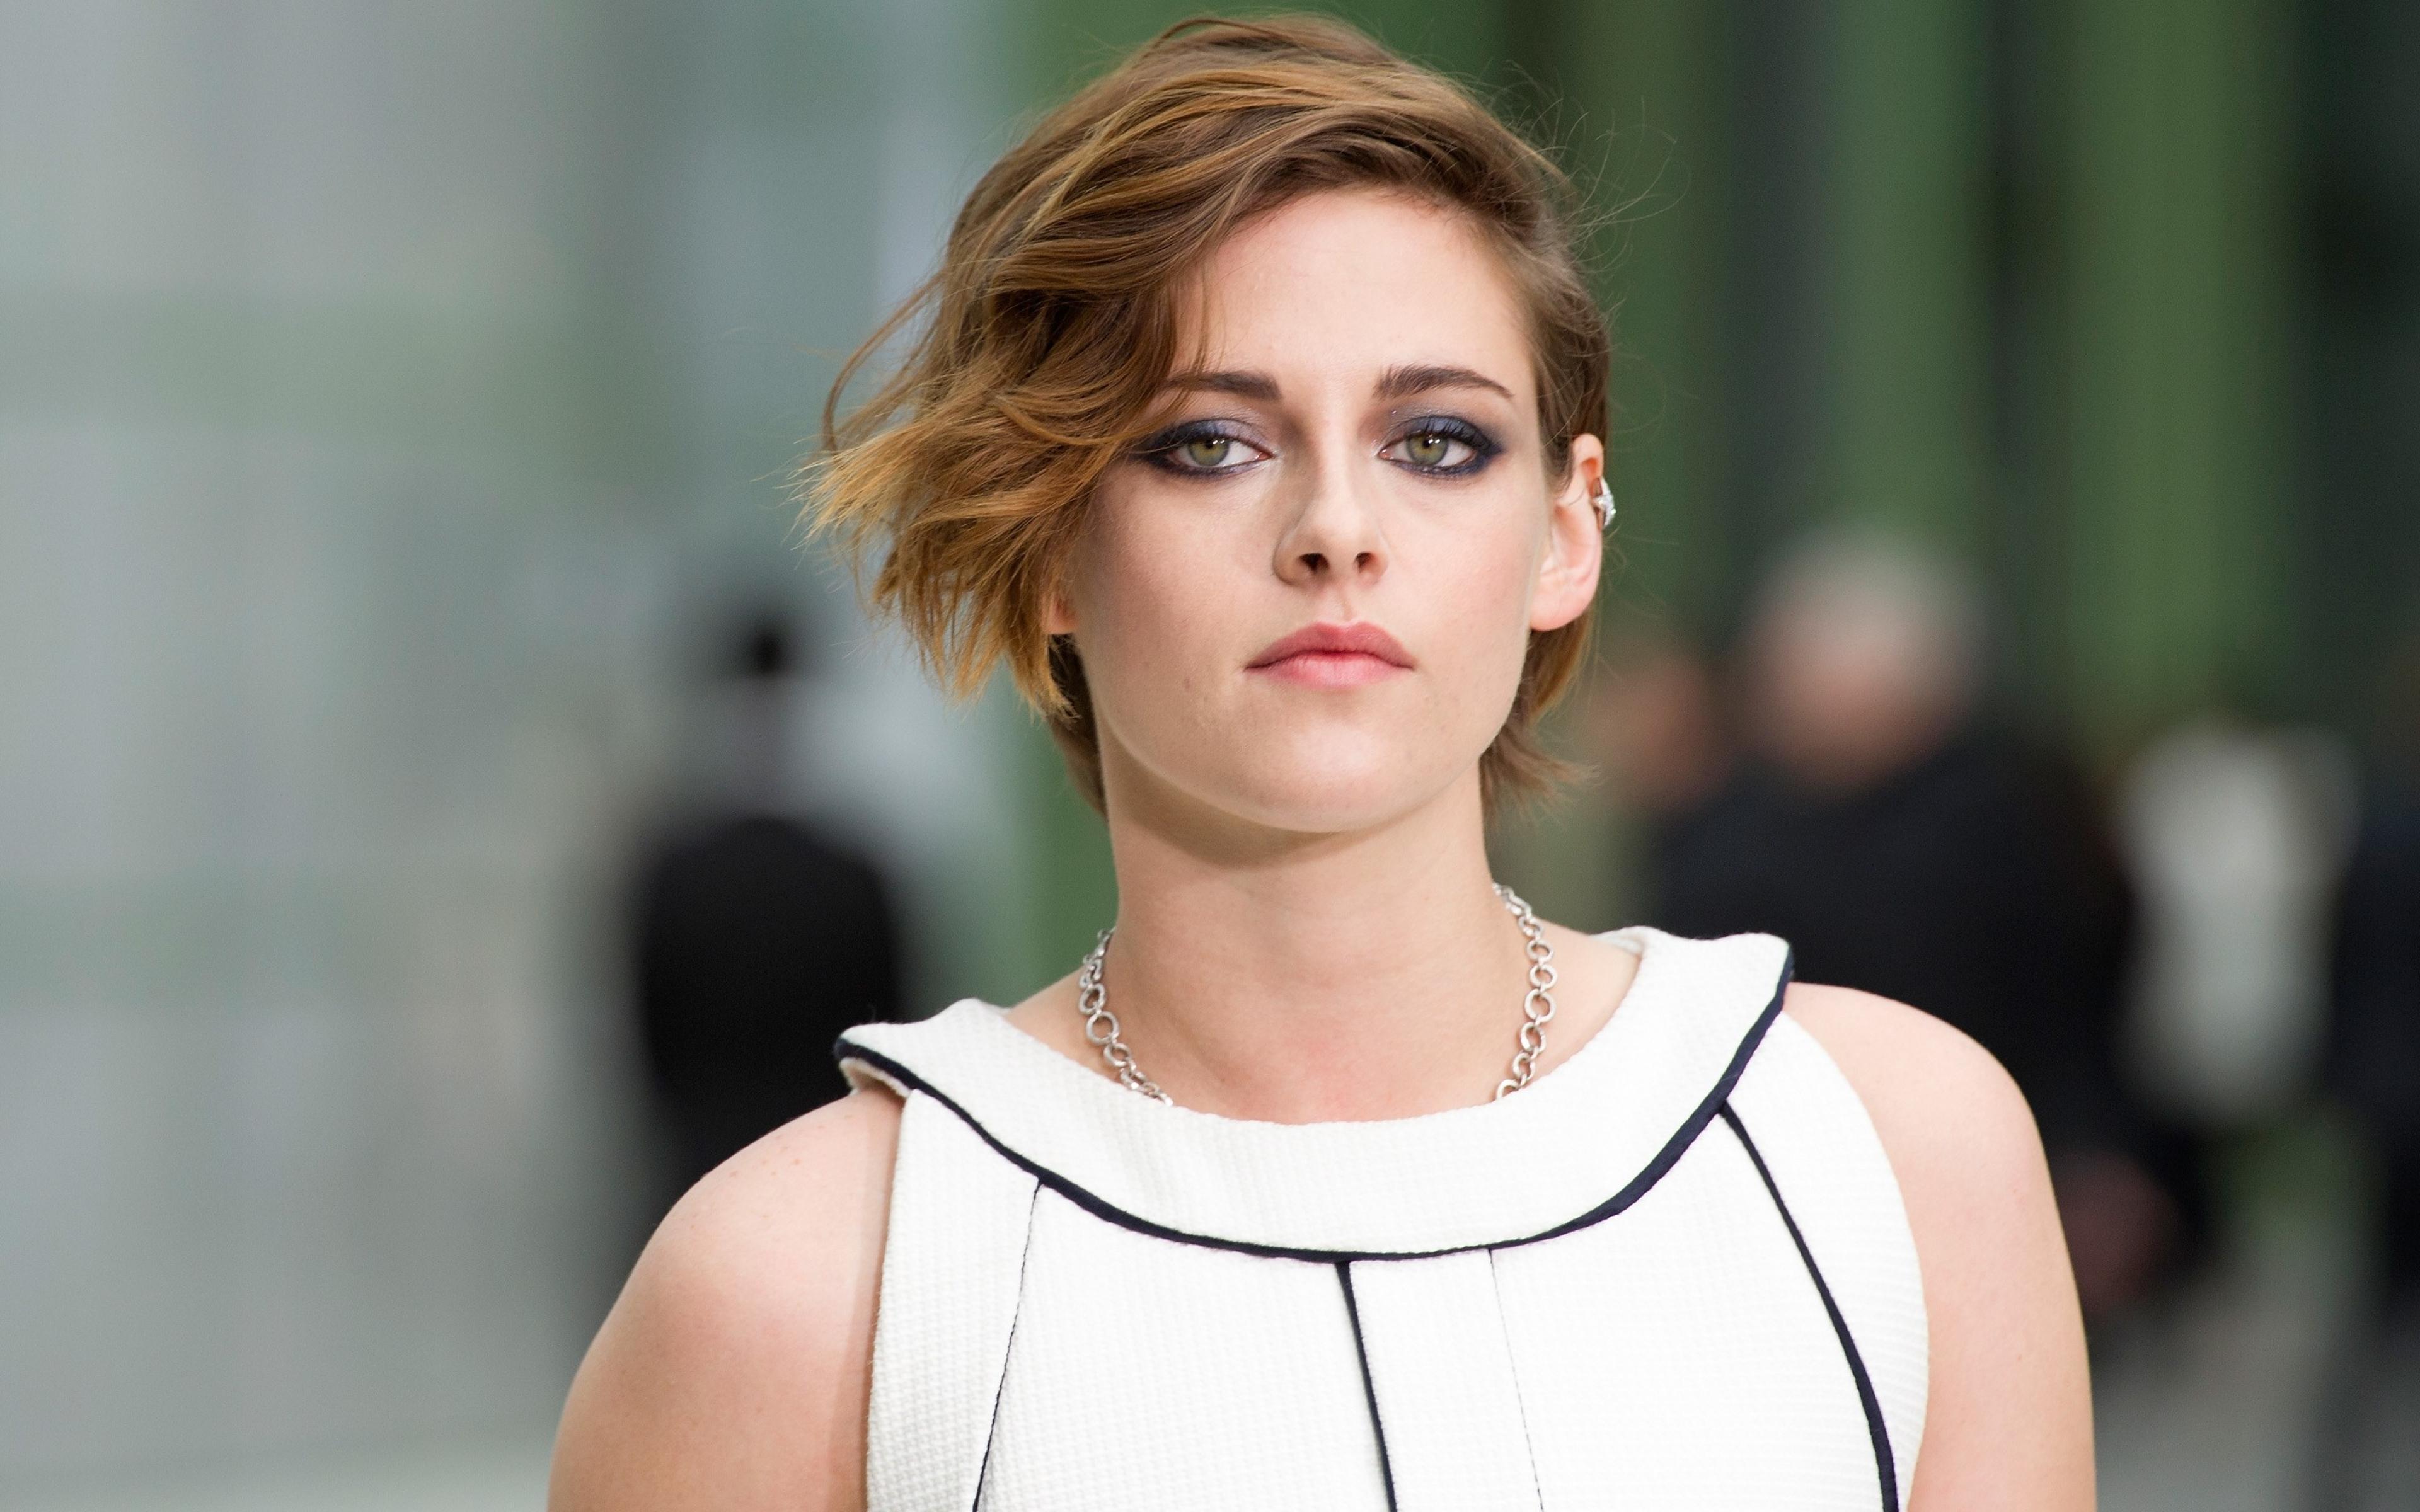 Kristen Stewart - Kristen Stewart Photos - The Twilight